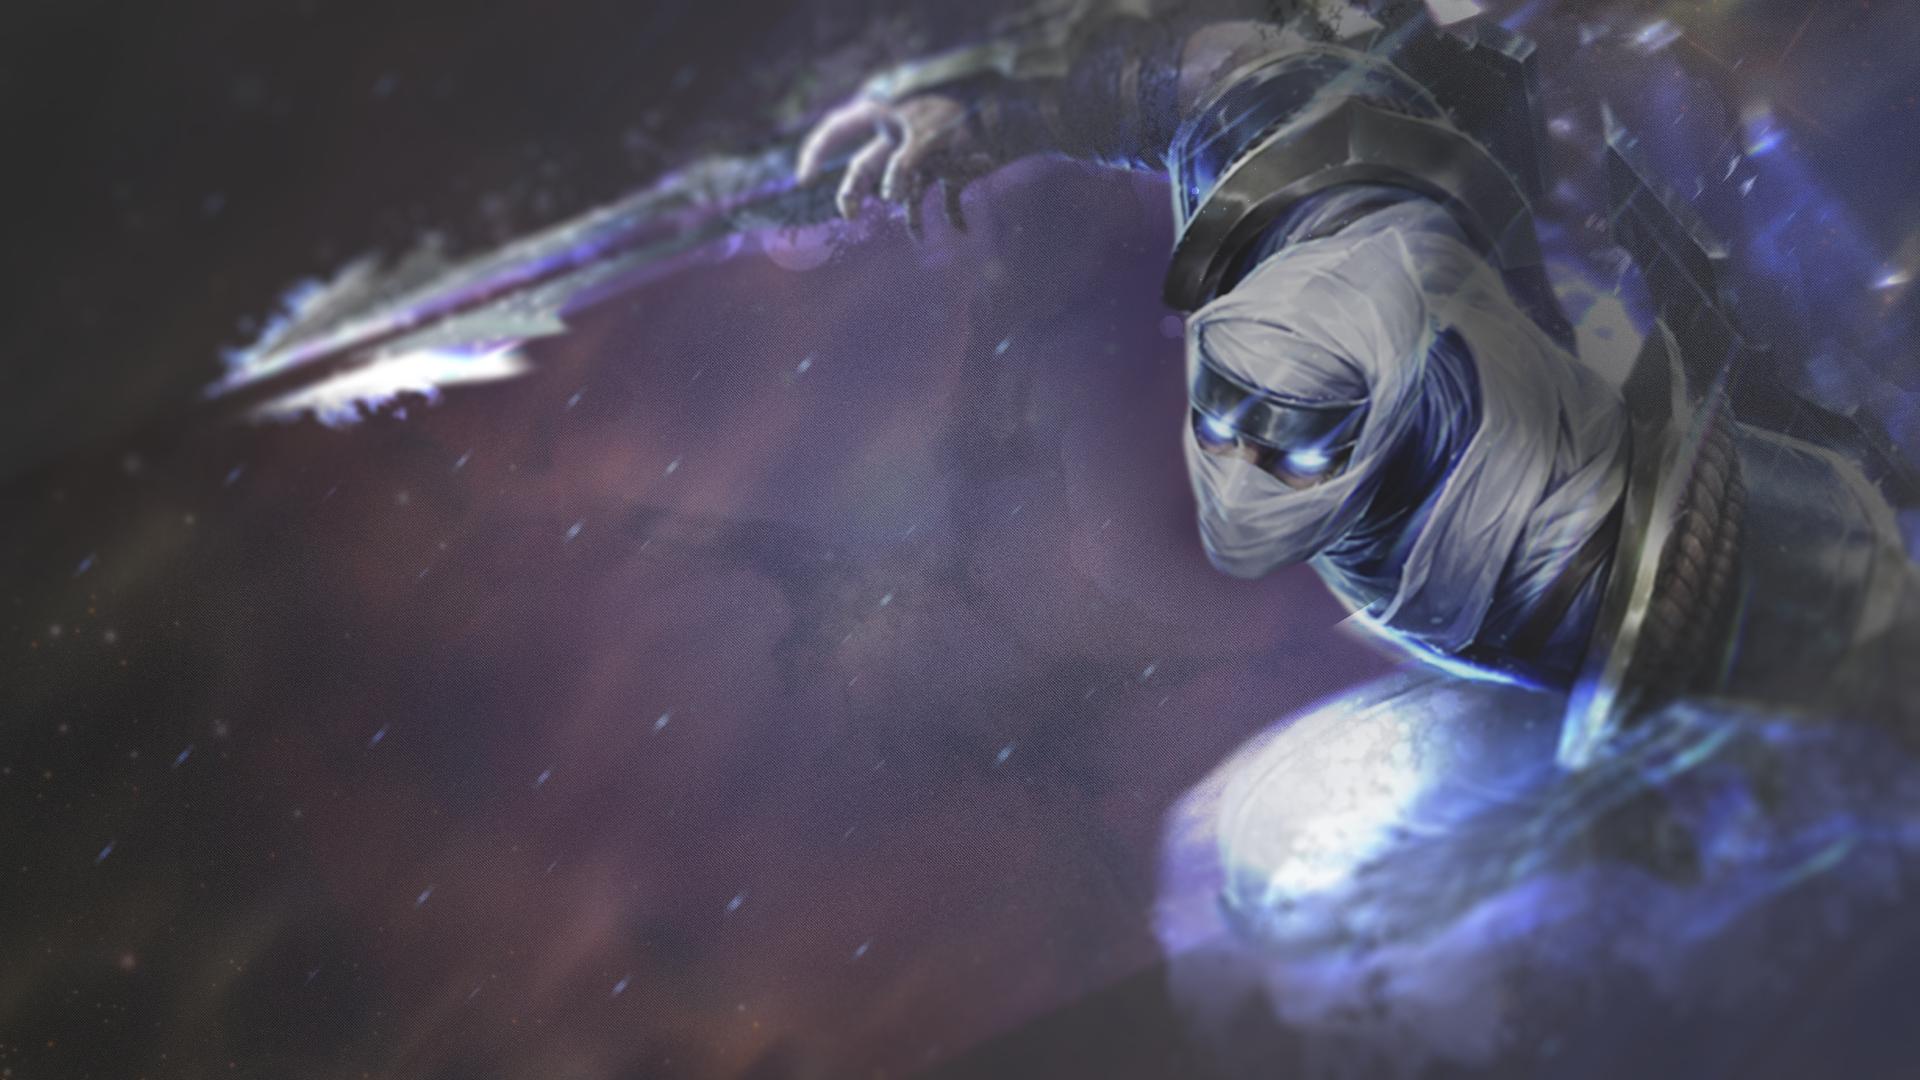 League of Legends - Shockblade Zed - Wallpaper by ...